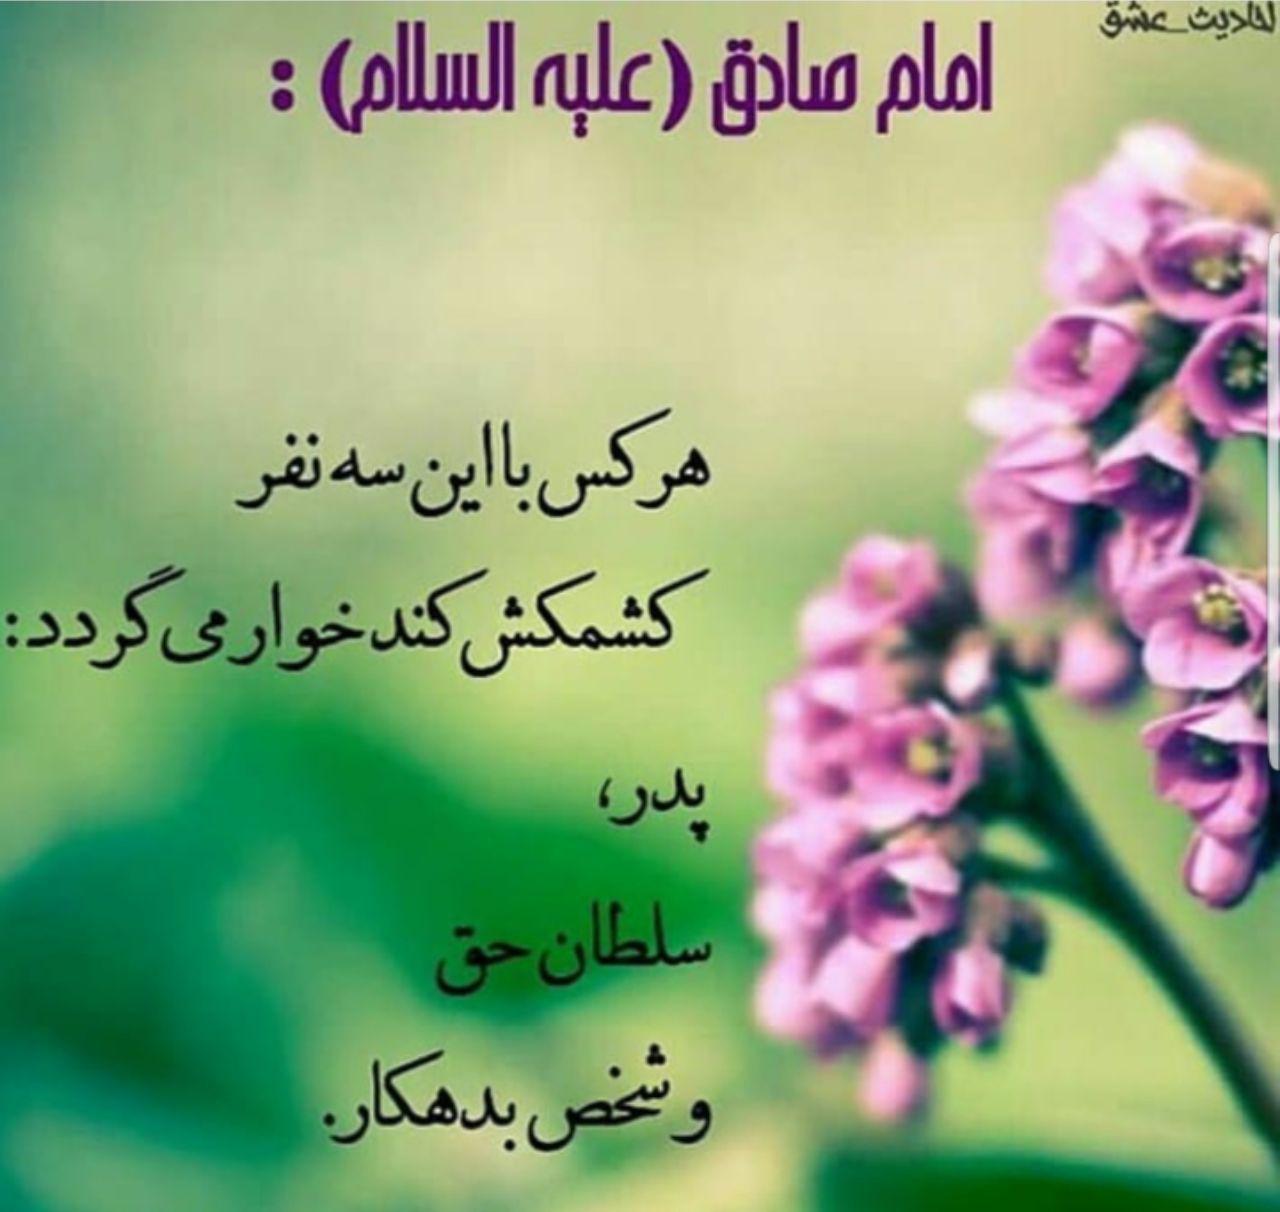 photo 2018 11 25 13 54 23 - تبریک میلاد رئیس مذهب شیعه